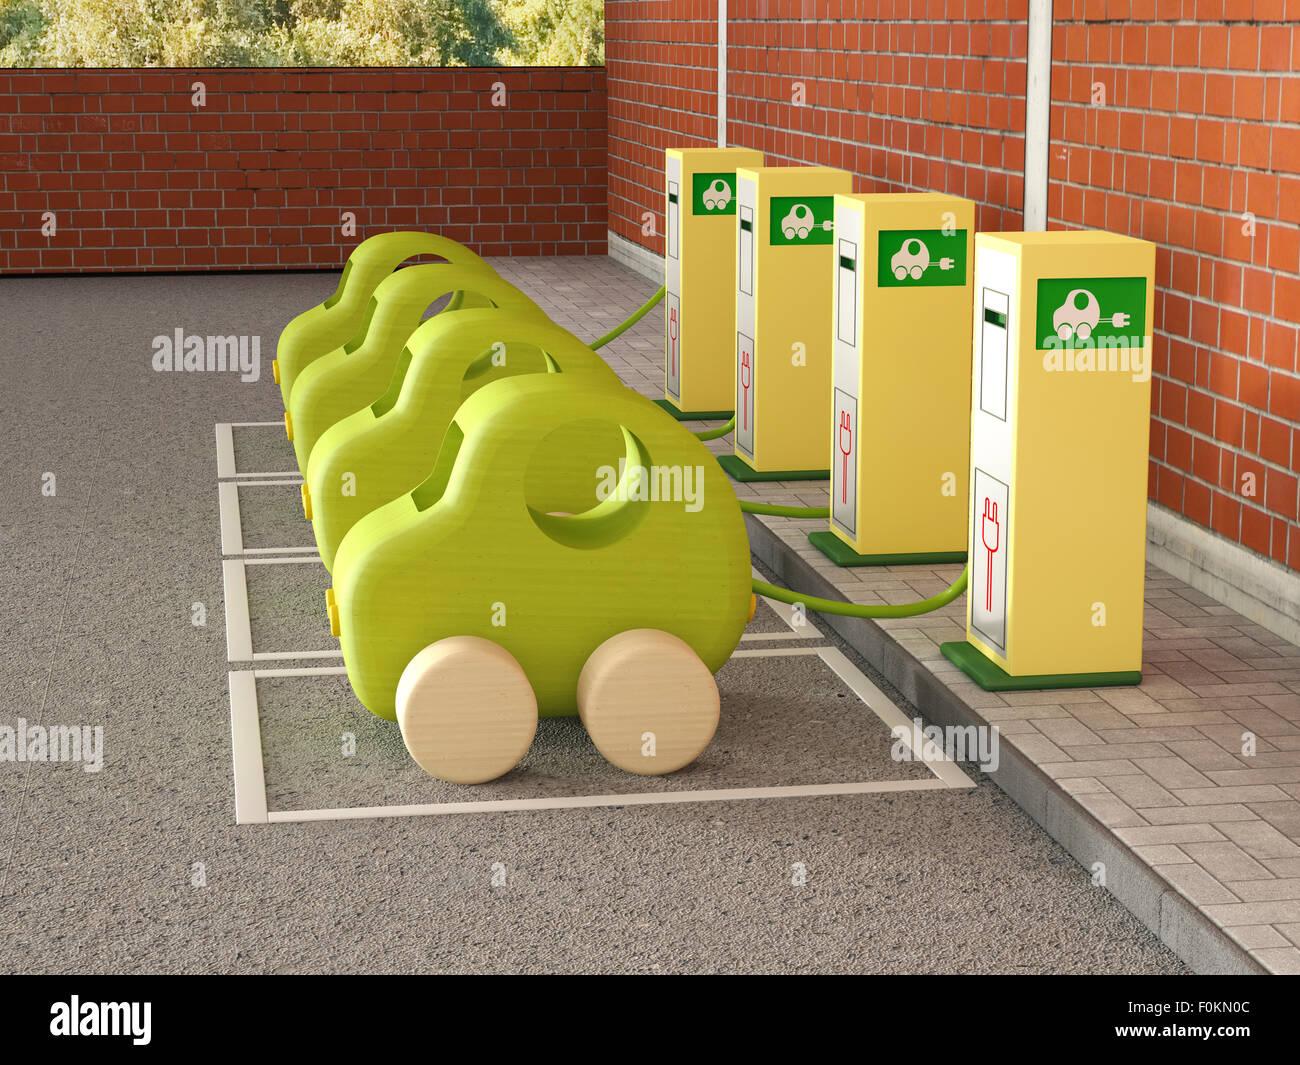 Ziemlich Elektrische Symbole Des Fahrzeugs Ideen - Schaltplan Serie ...